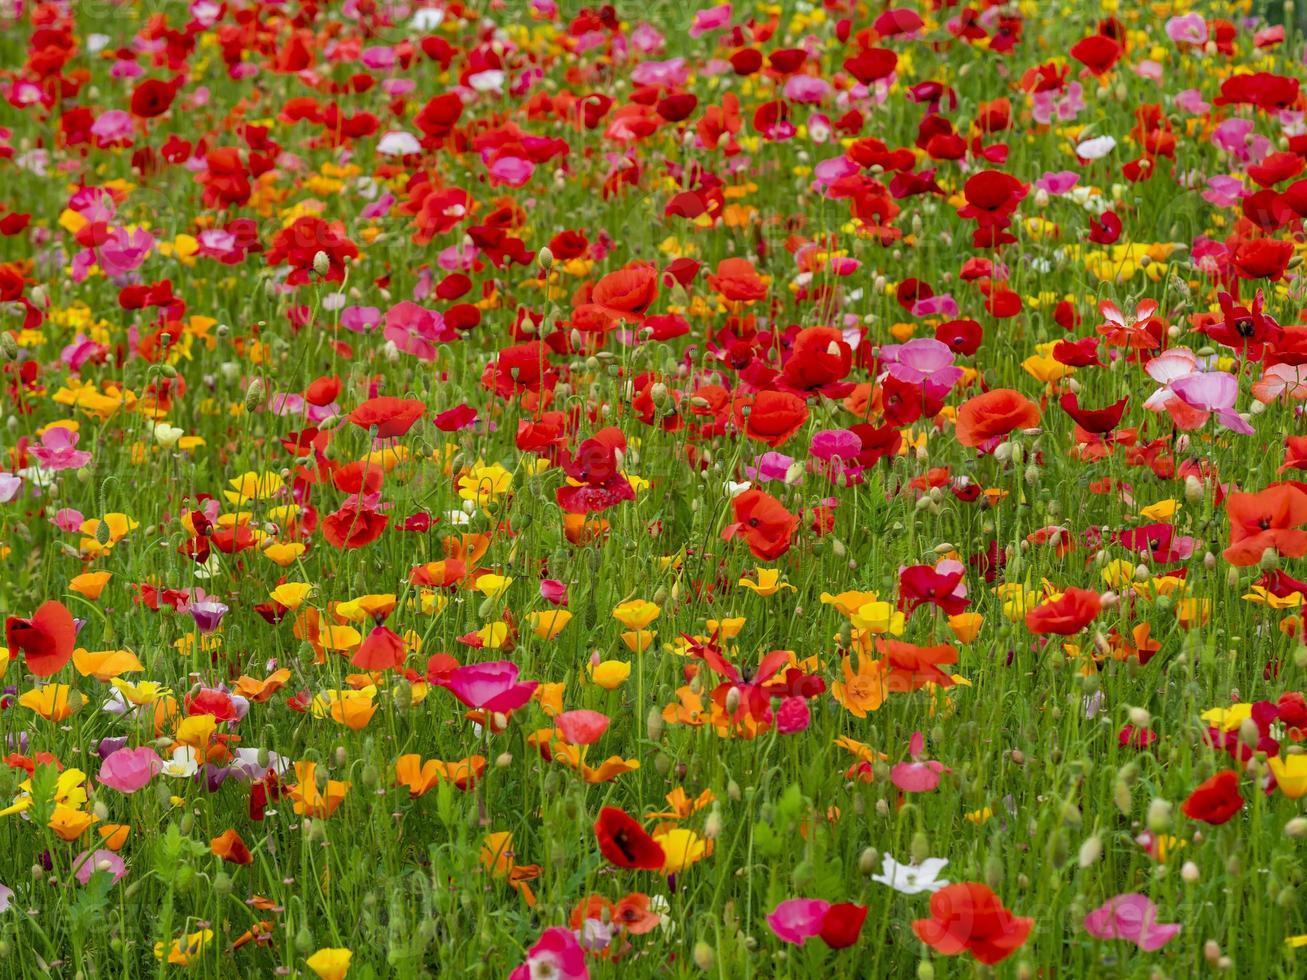 papaveri misti colorati in un giardino estivo foto